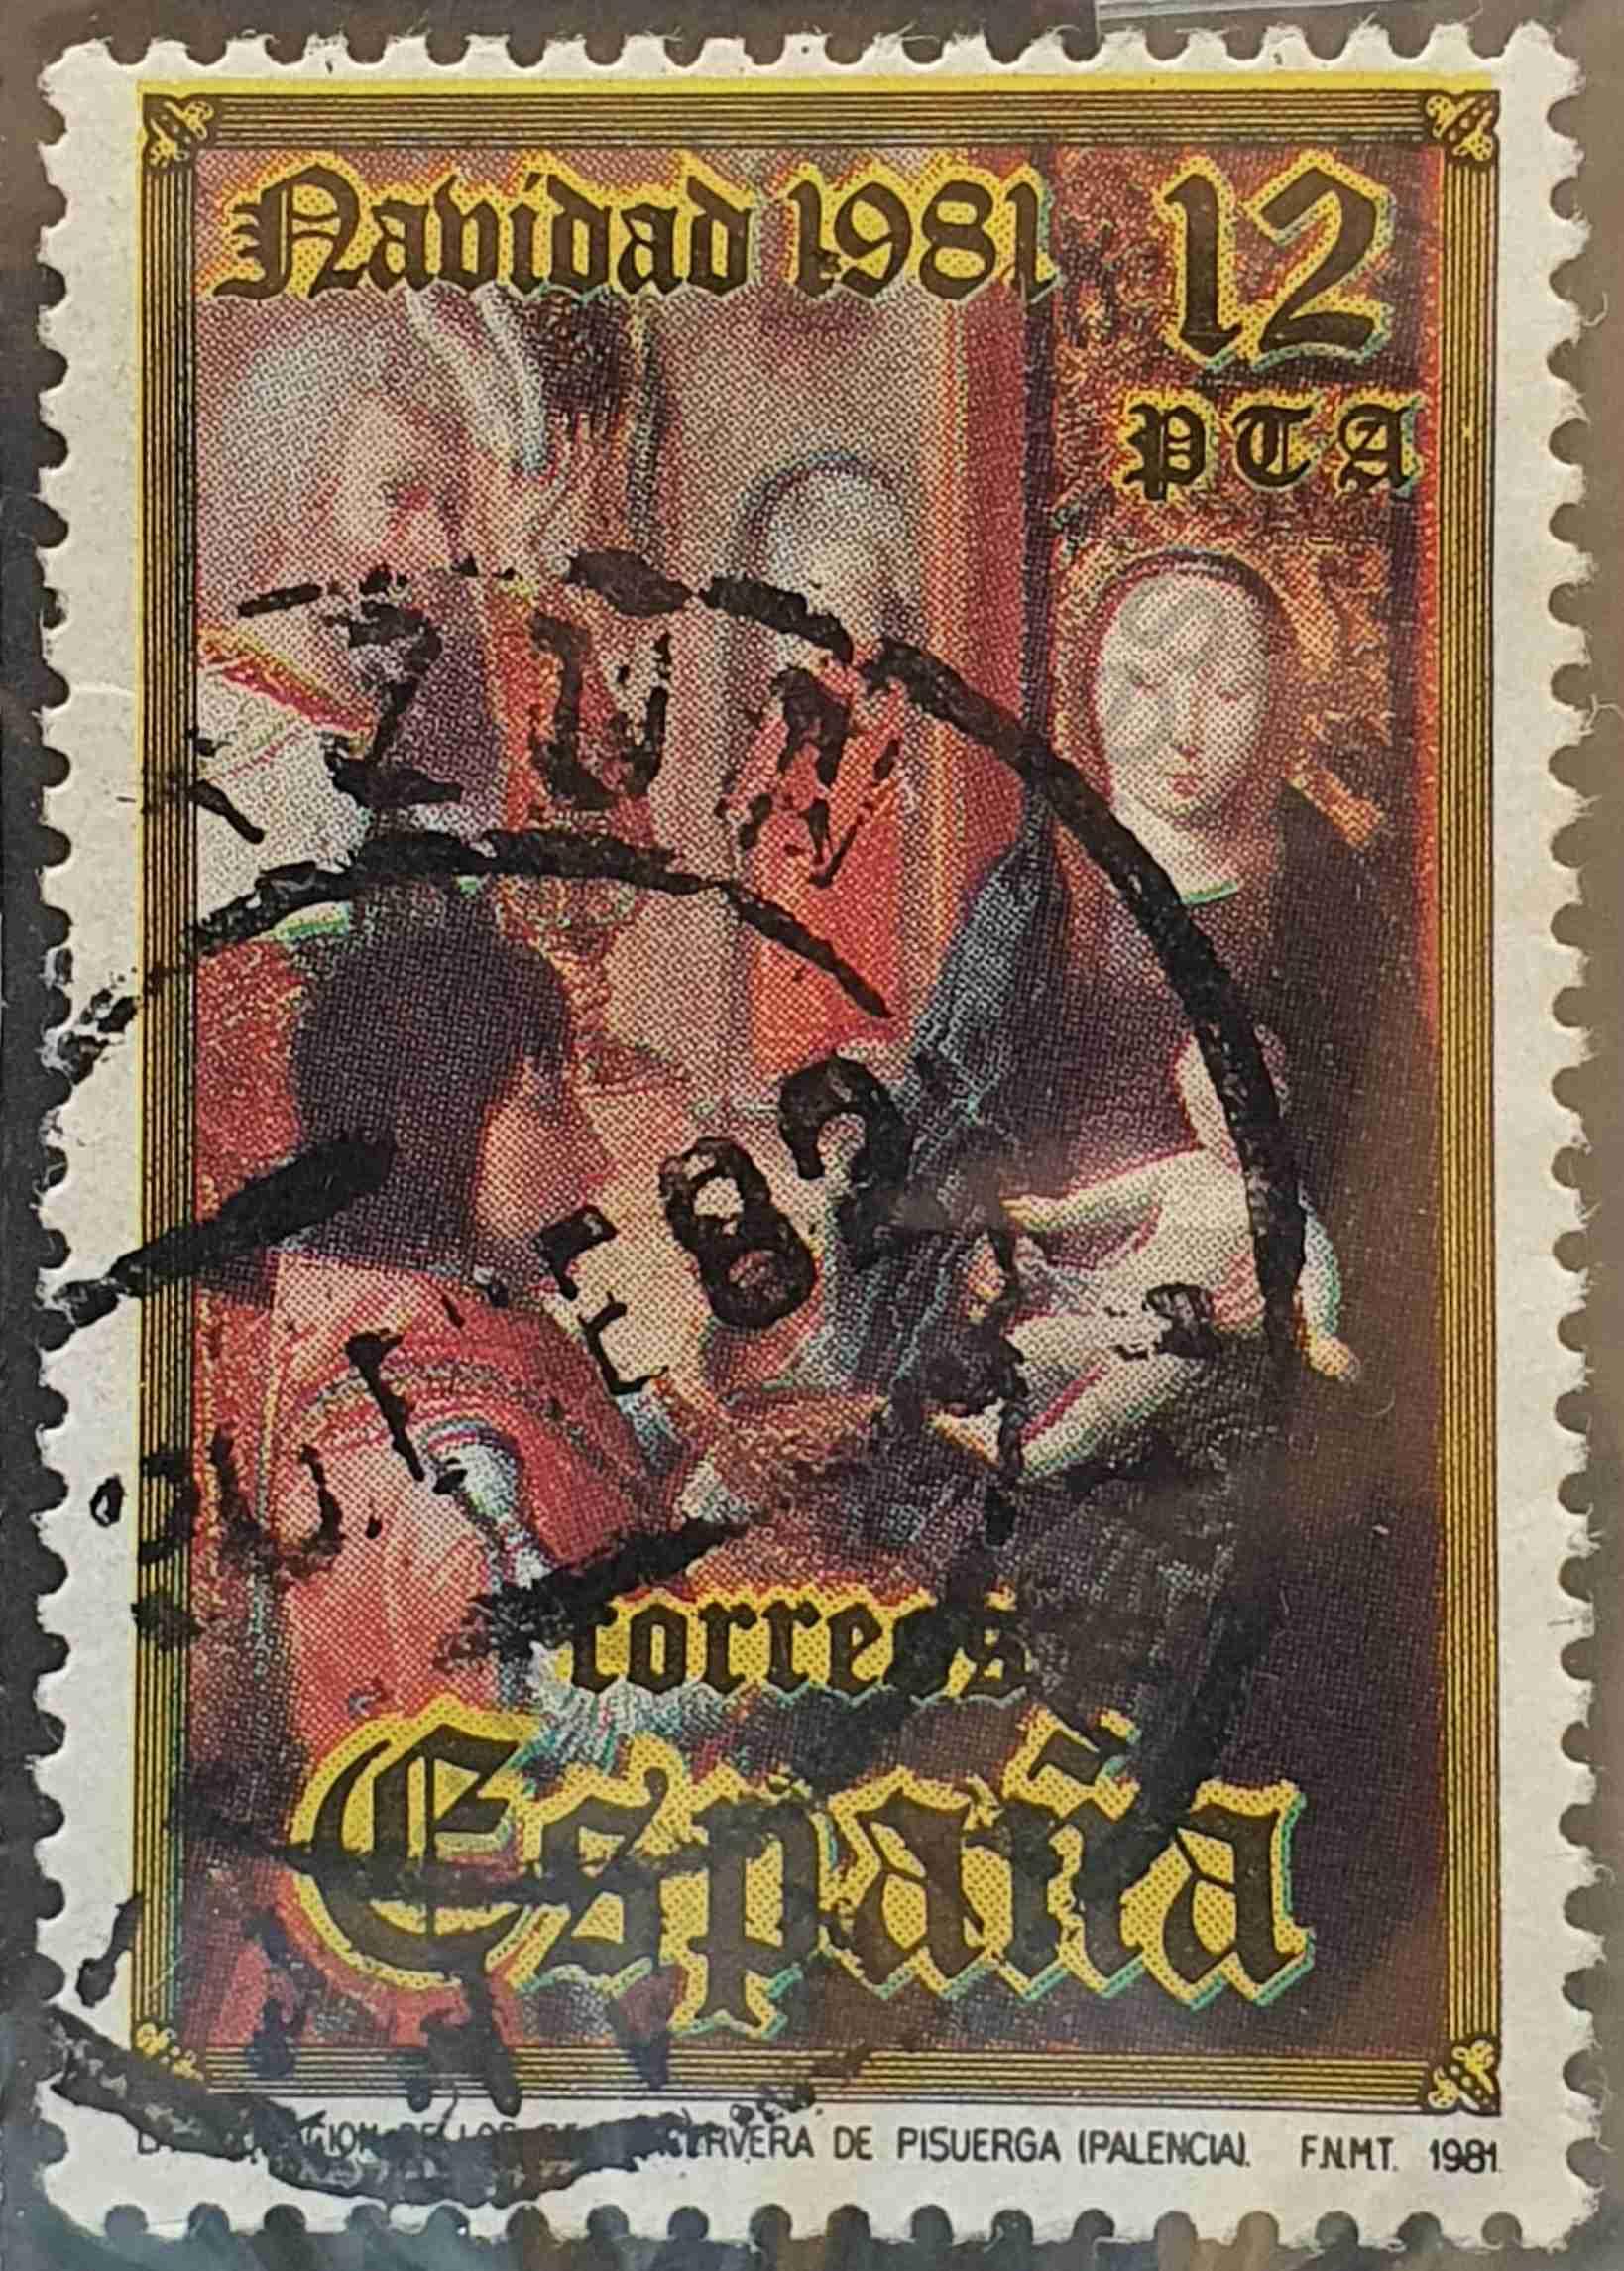 Adoración de los Reyes - Cervera - Sello de España 1981